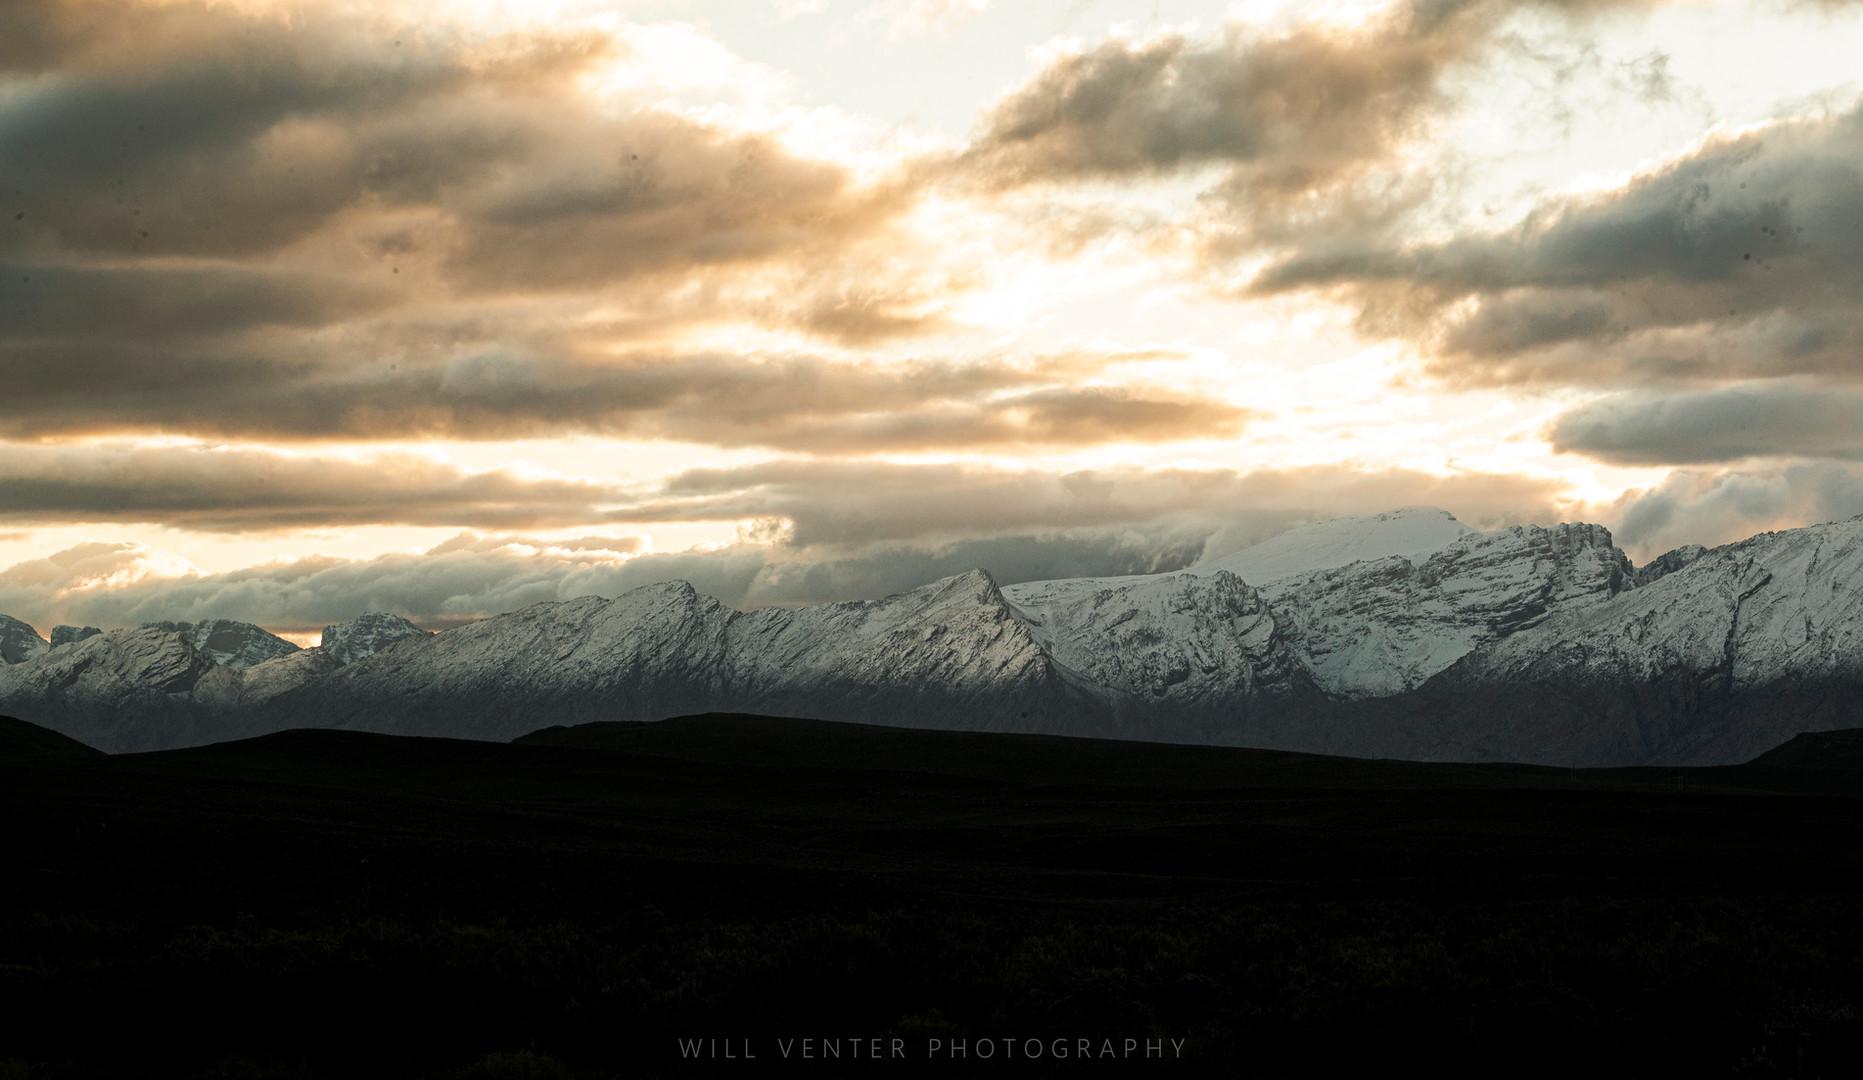 Snow on the Keisie valley mountains